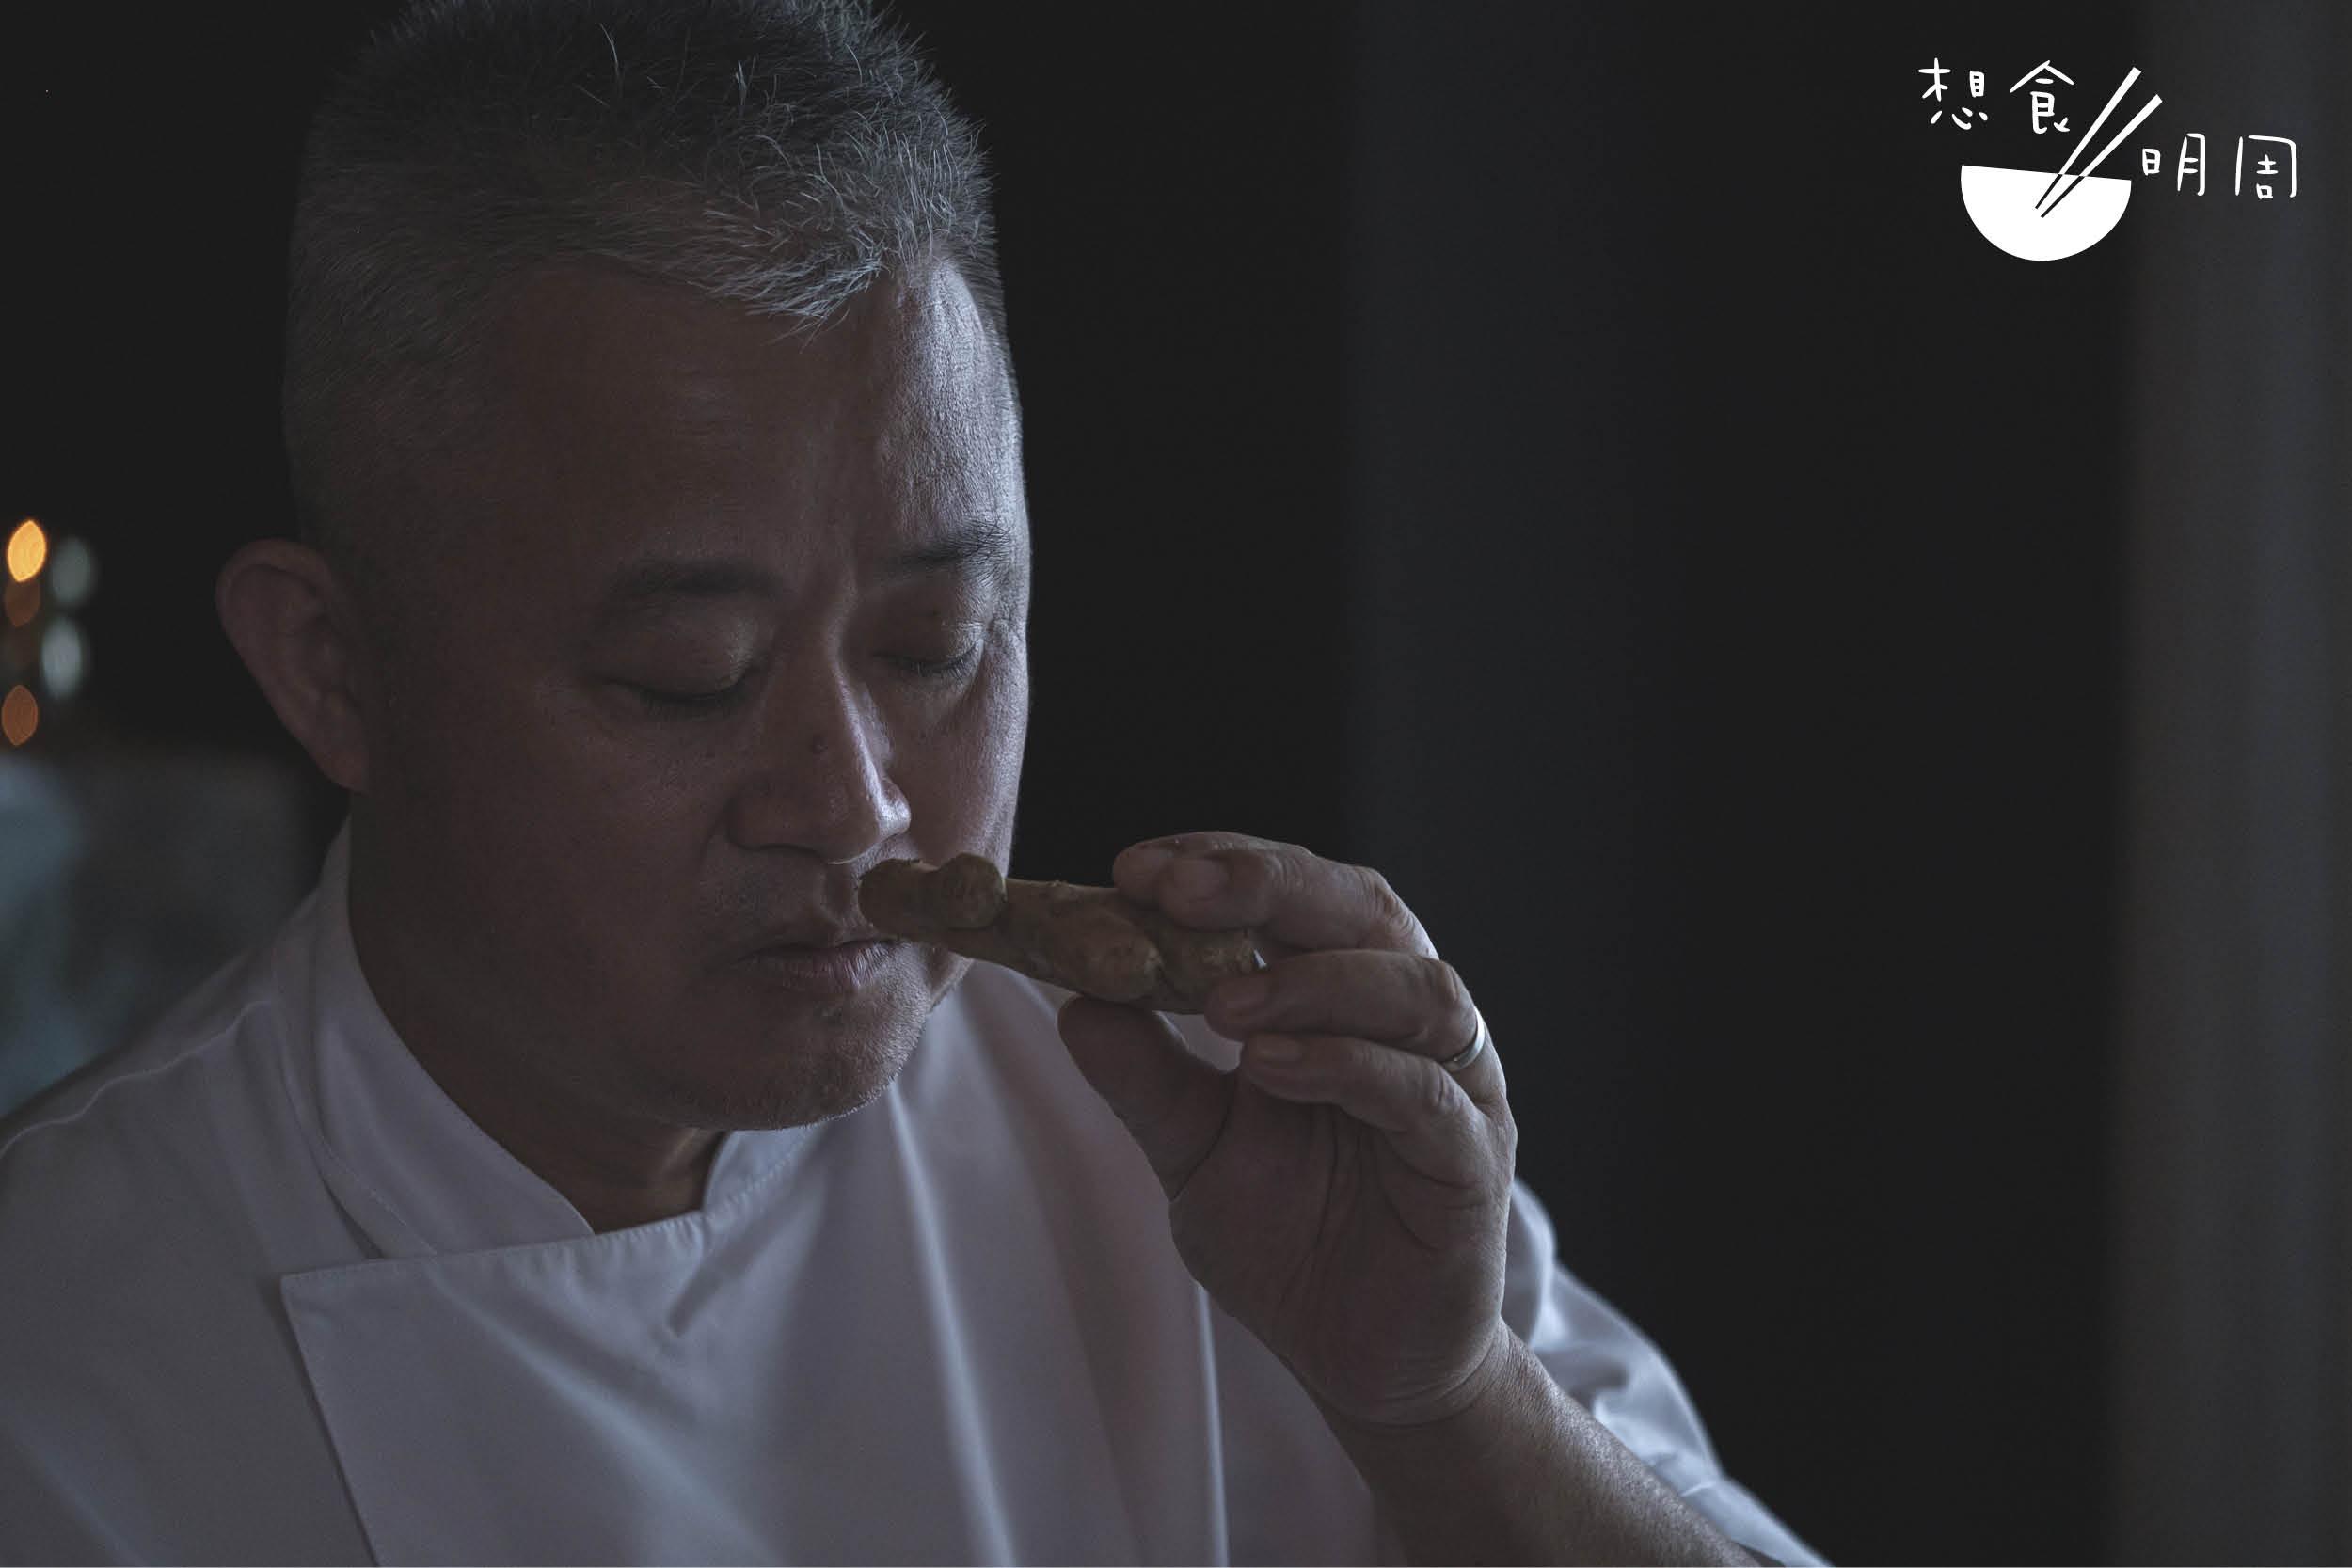 李志偉是香港瑰麗酒店彤福軒中菜行政總廚。製作薑汁撞奶時,他會選用小黃薑。